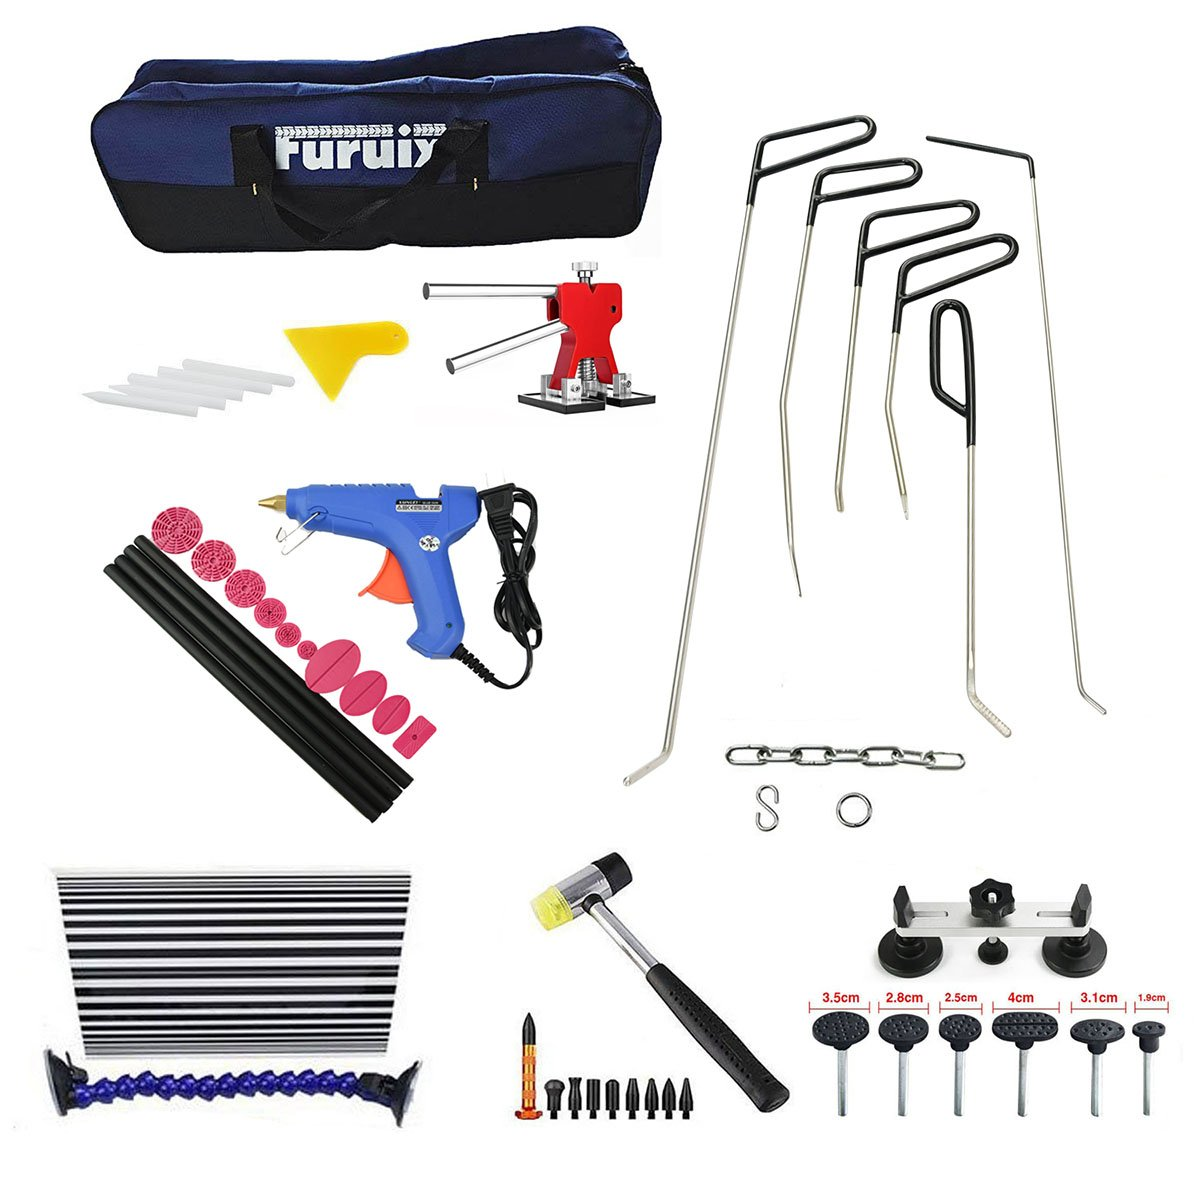 Furuix 53pcs Paintless Dent Repair Kit PDR Rods C Series Dent Puller Kit Dent Lifter Paintless Dent Removal PDR Kit Door Ding Repair